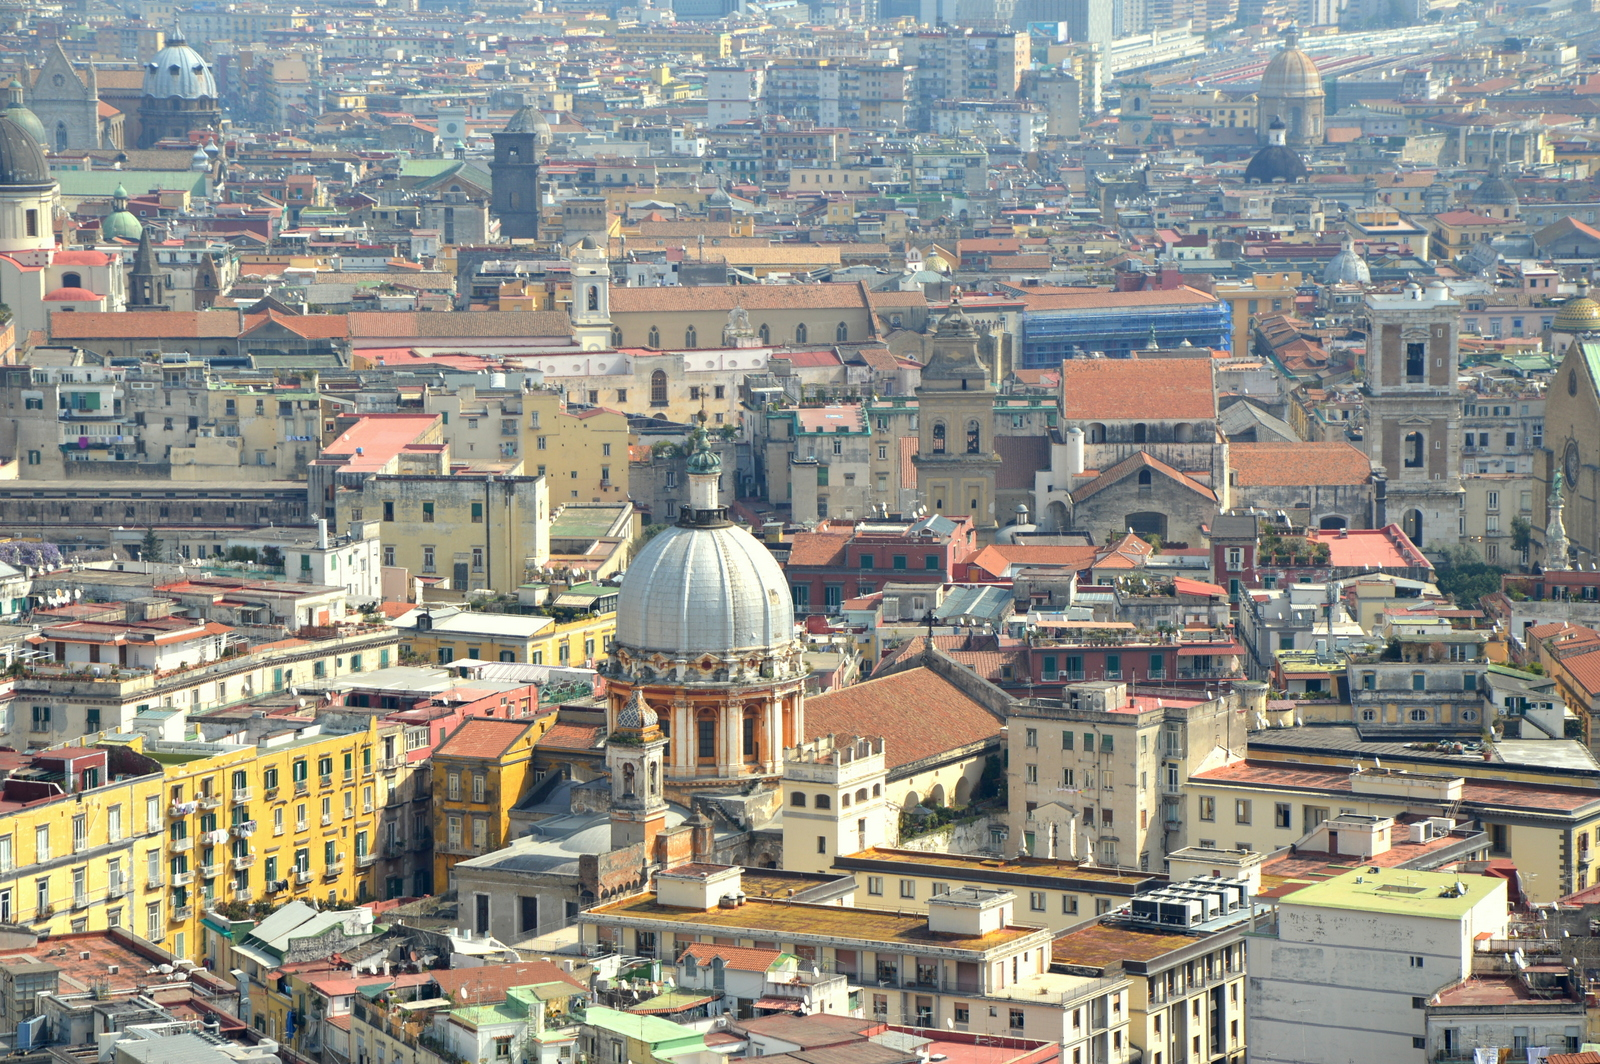 Neapel und Apulien   eine lohnenswerte Kombination staedtereisen sonne reisebericht new italien  TUI Berlin Reisebüro Zentrum von Neapel